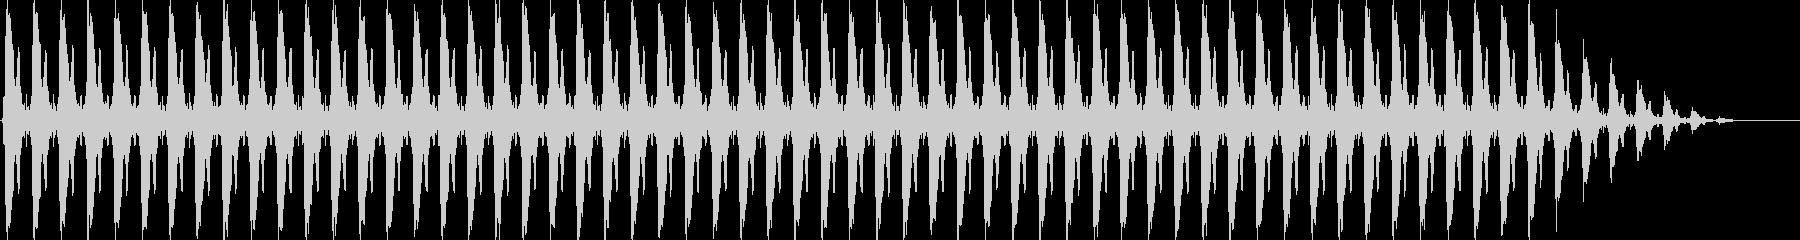 クリスマスの鈴(テンポ速い)の未再生の波形